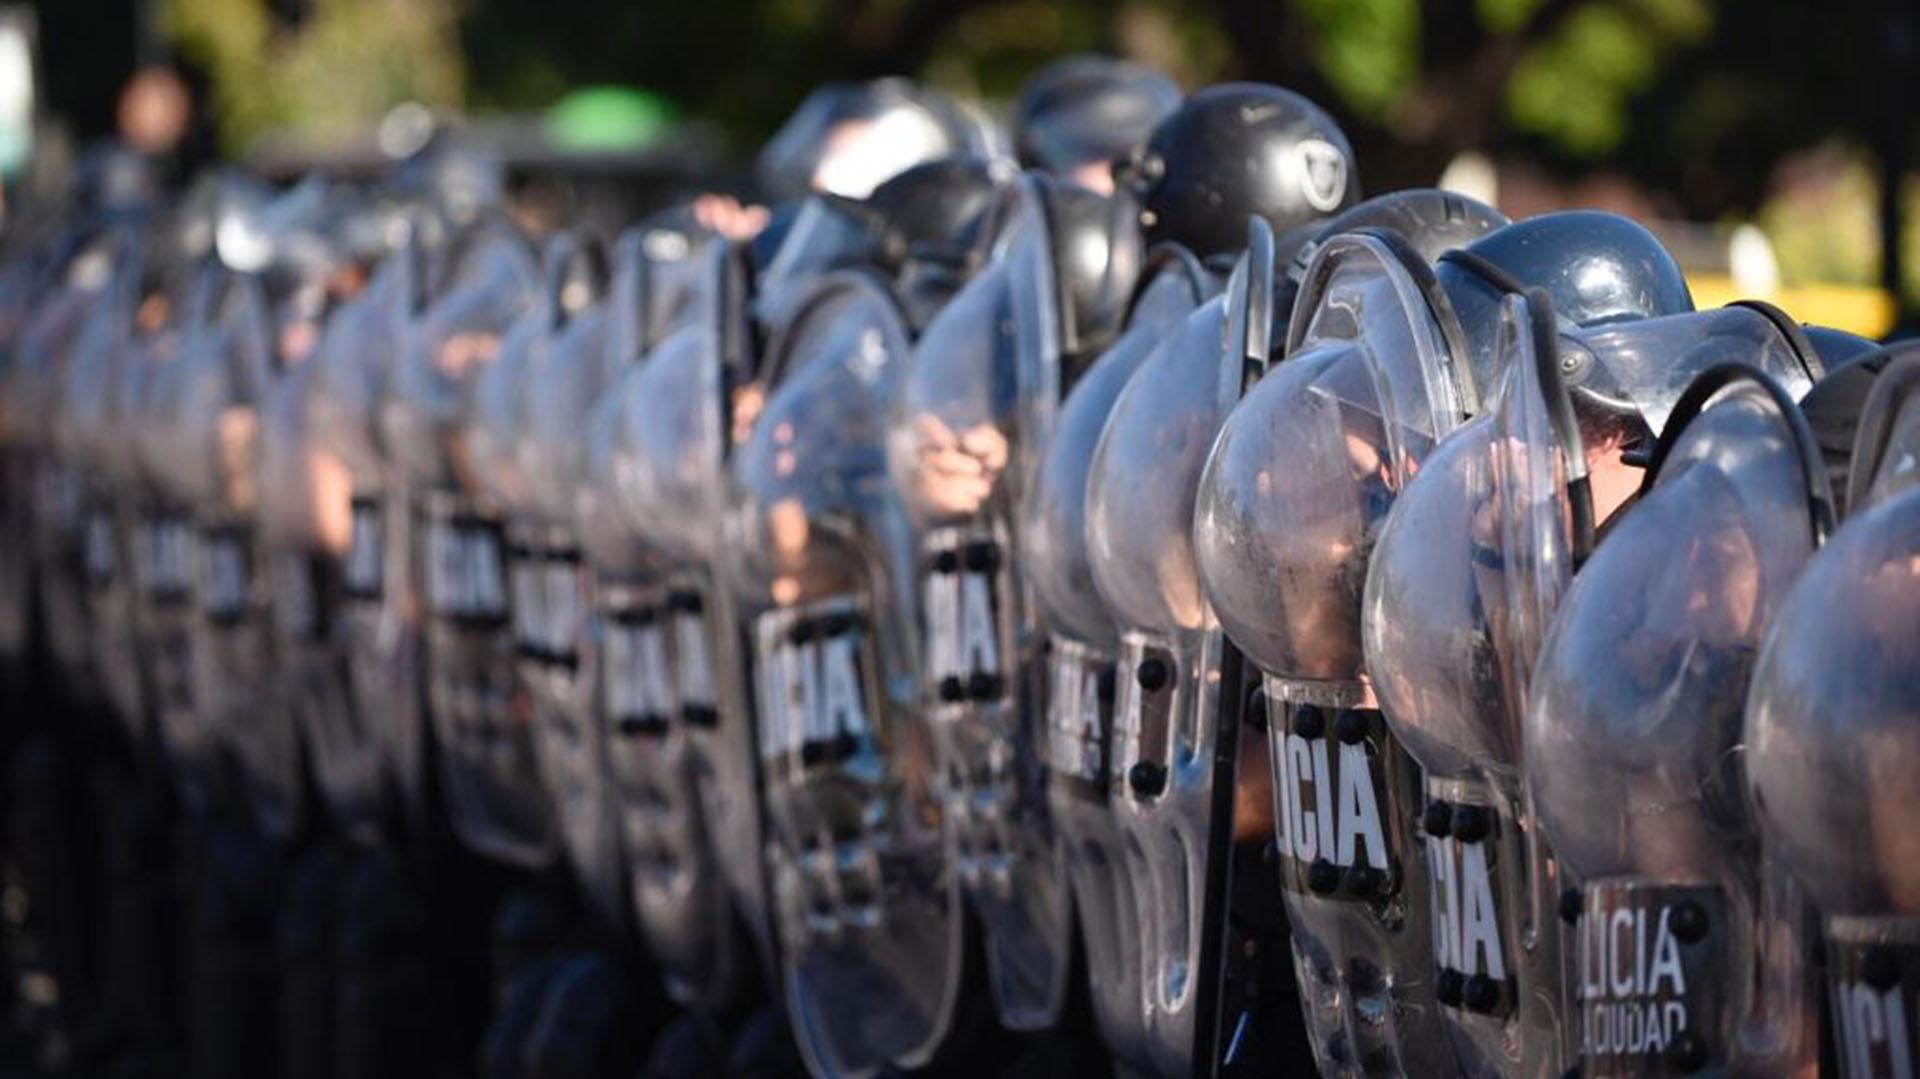 La Policía de la Ciudad estuvo a cargo del operativo (Colin Boyle)